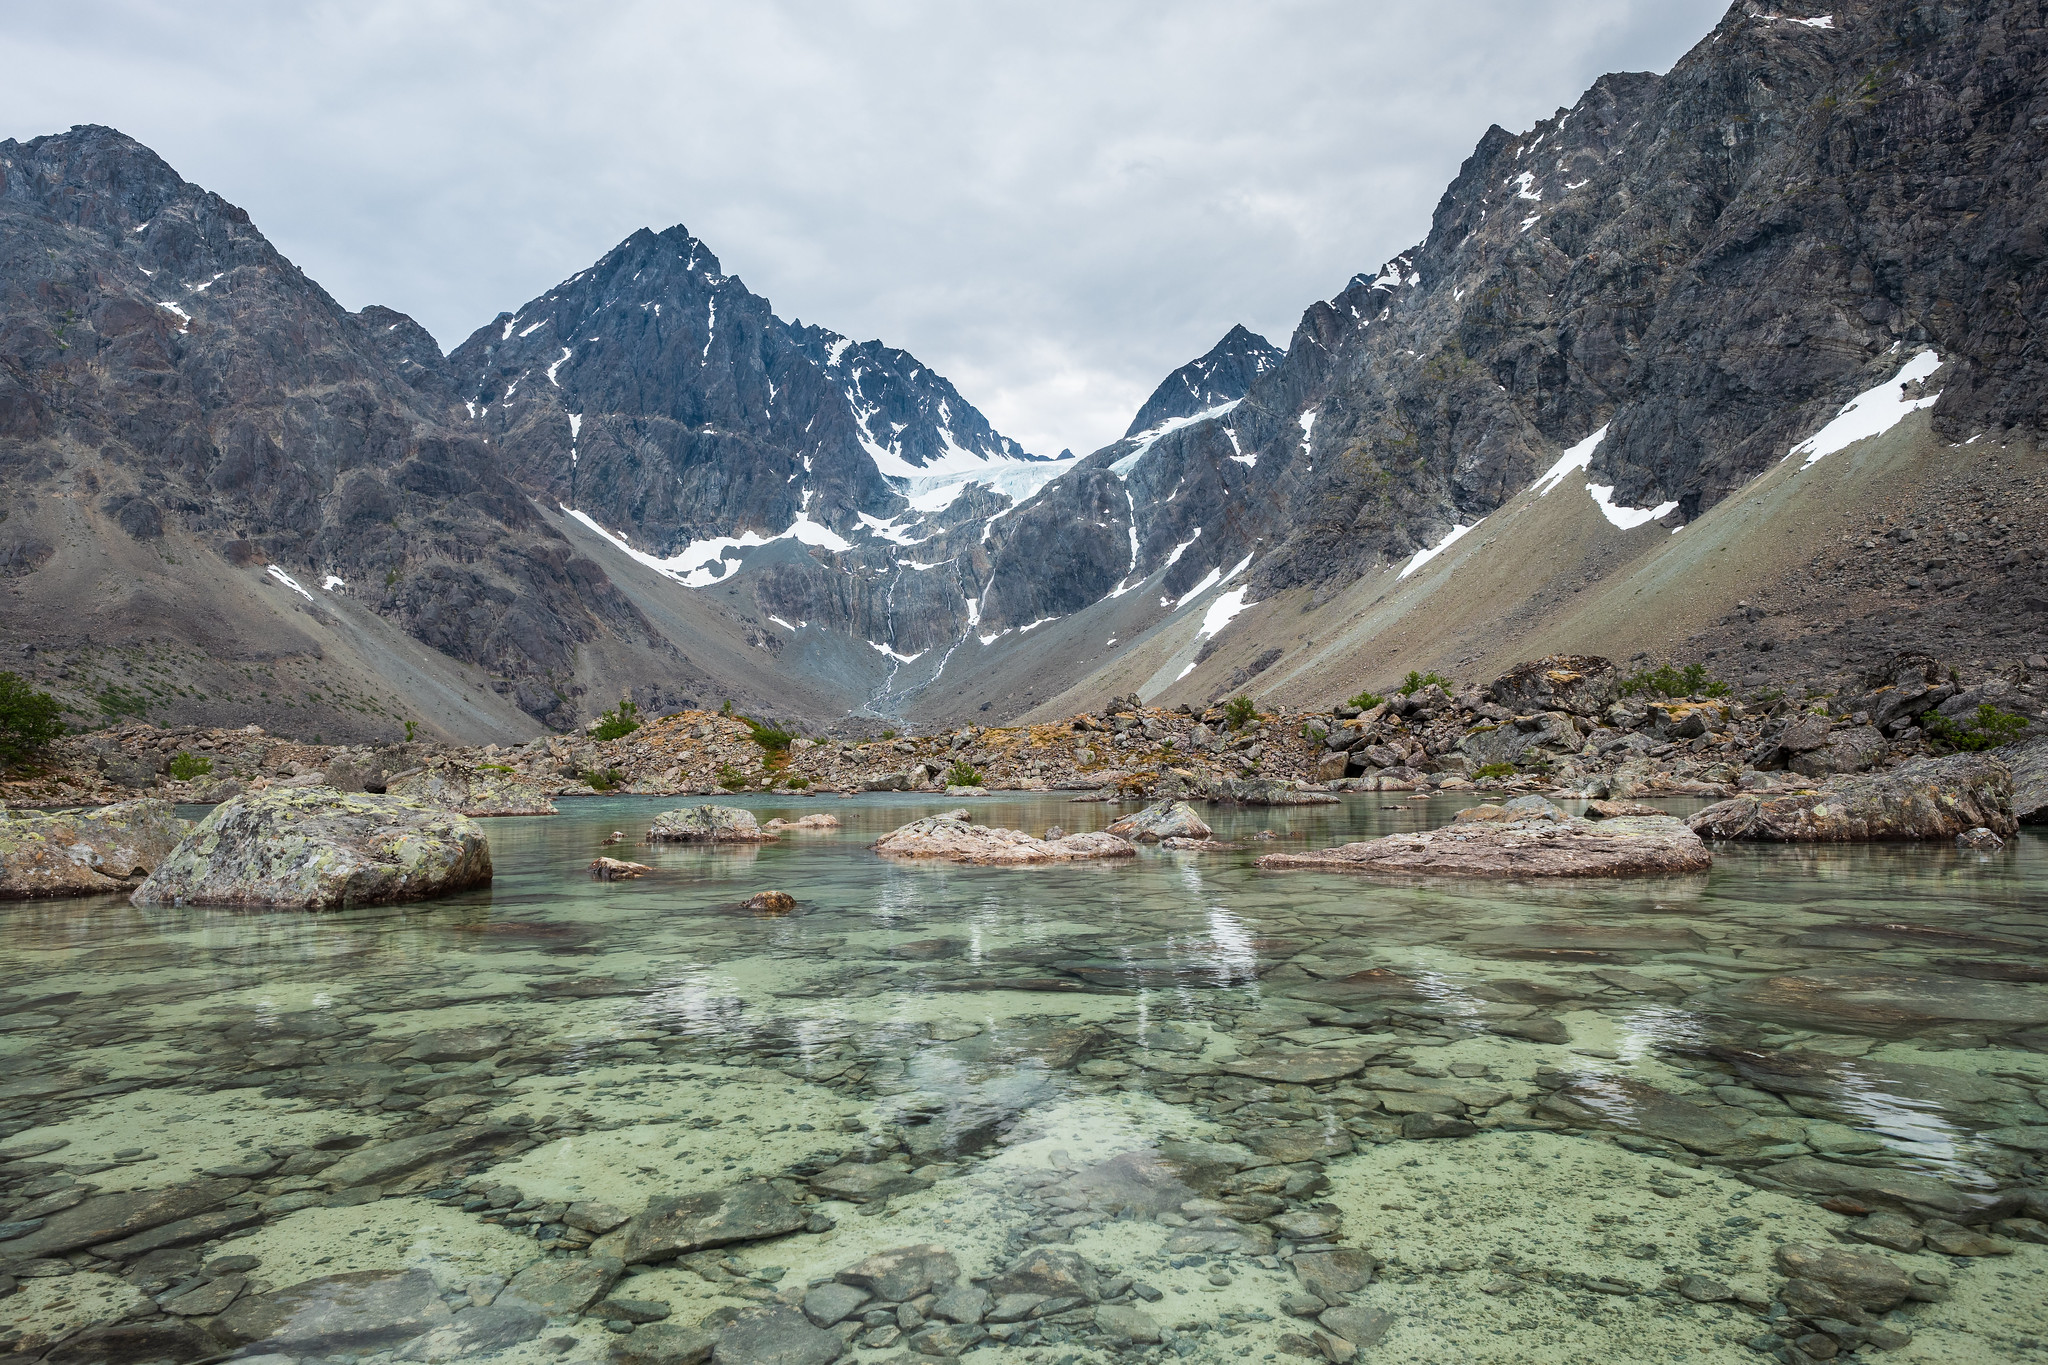 Das ist nicht der berühmte Blåisvatnet, sondern nur so eine Art Vorteich - allerdings mit interessanten Strukturen am Grund